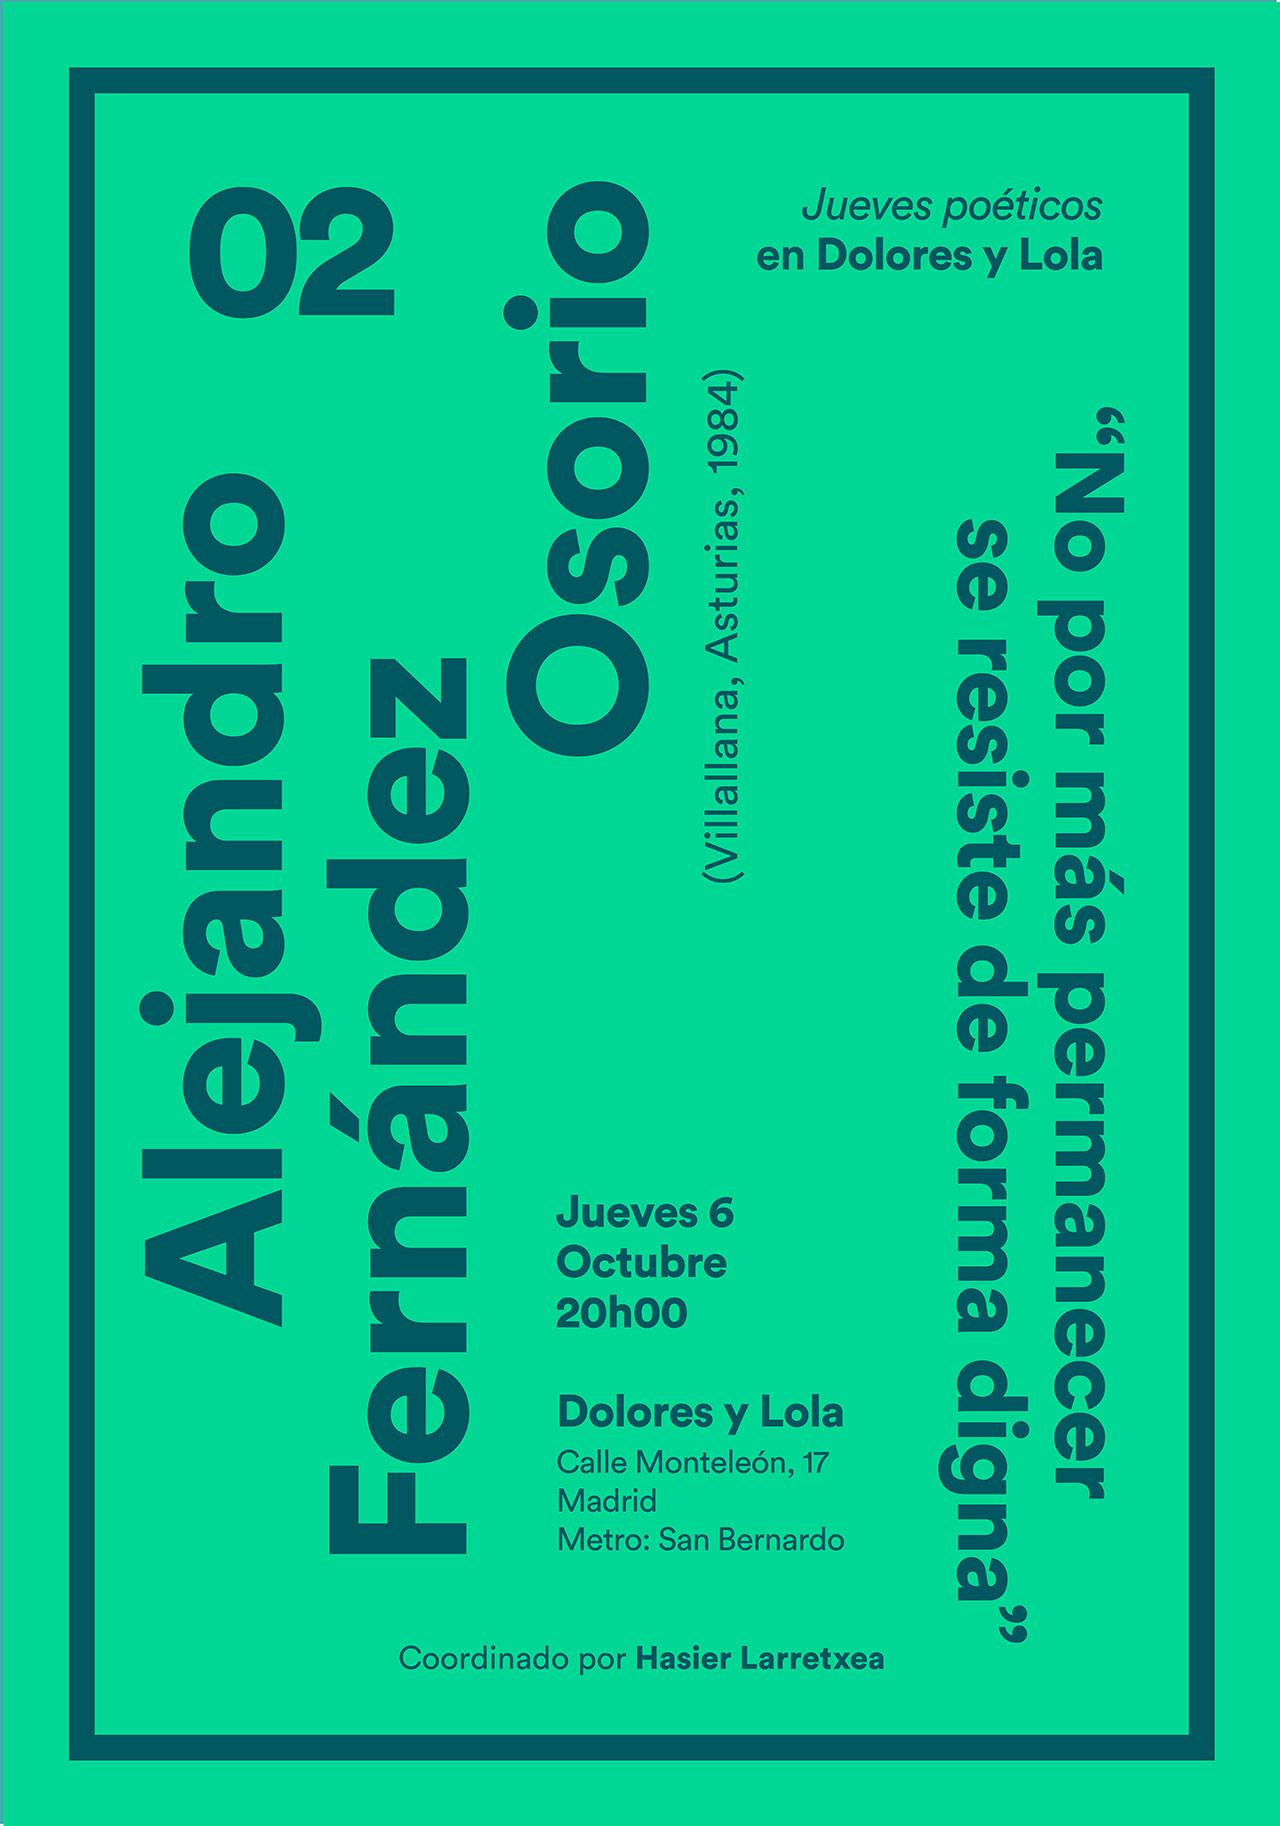 02_alejandro_poster_hd